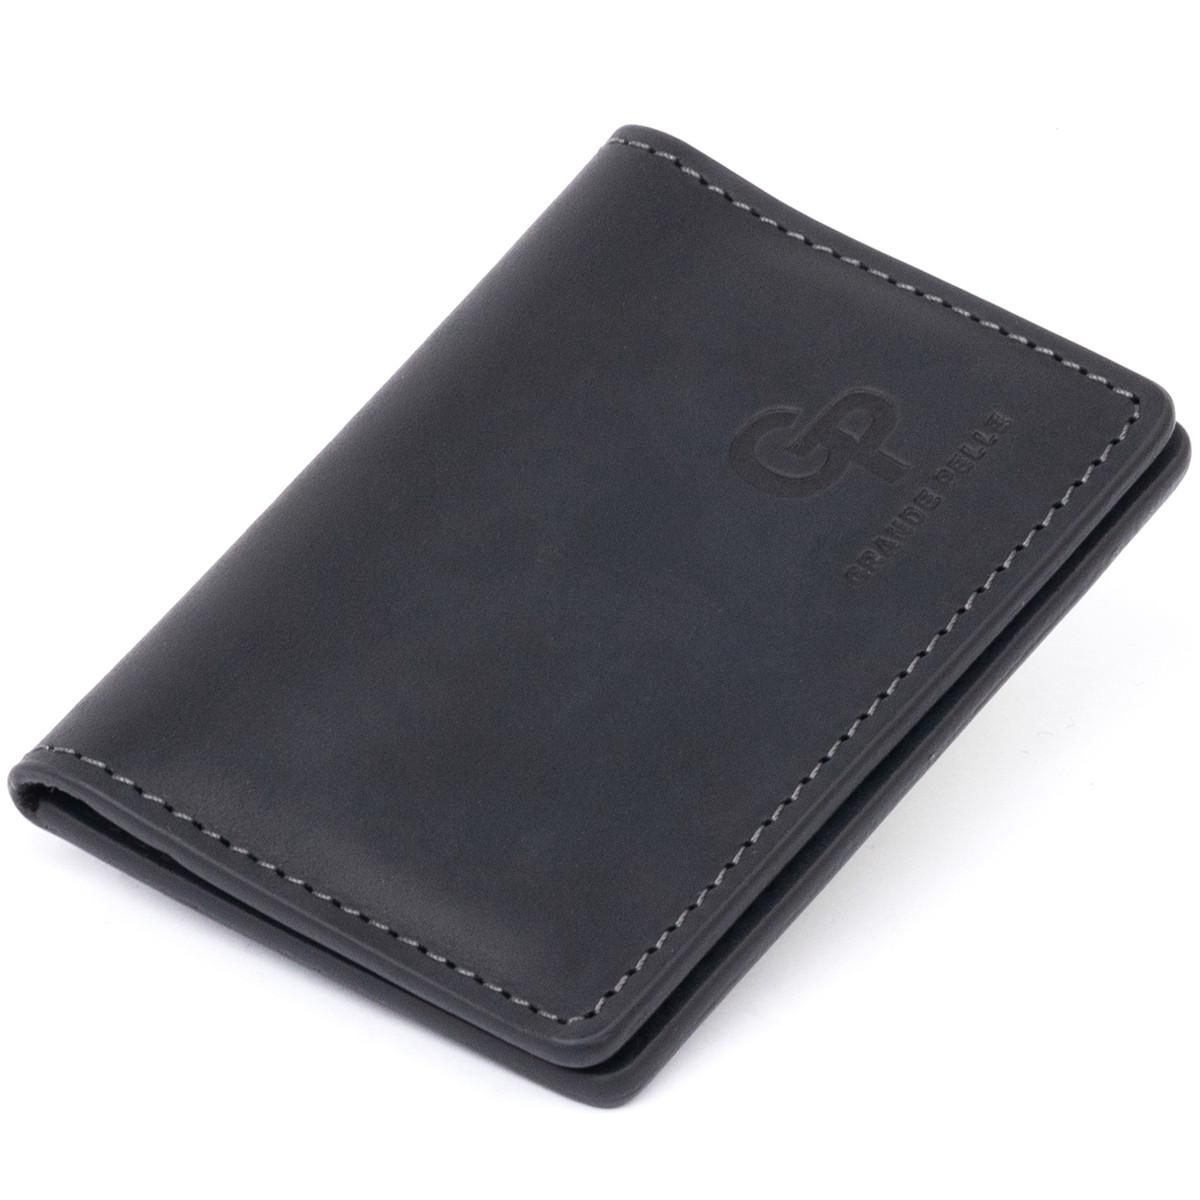 Візитниця з обкладинкою для ID-паспорта з натуральної шкіри GRANDE PELLE 11290 Чорна